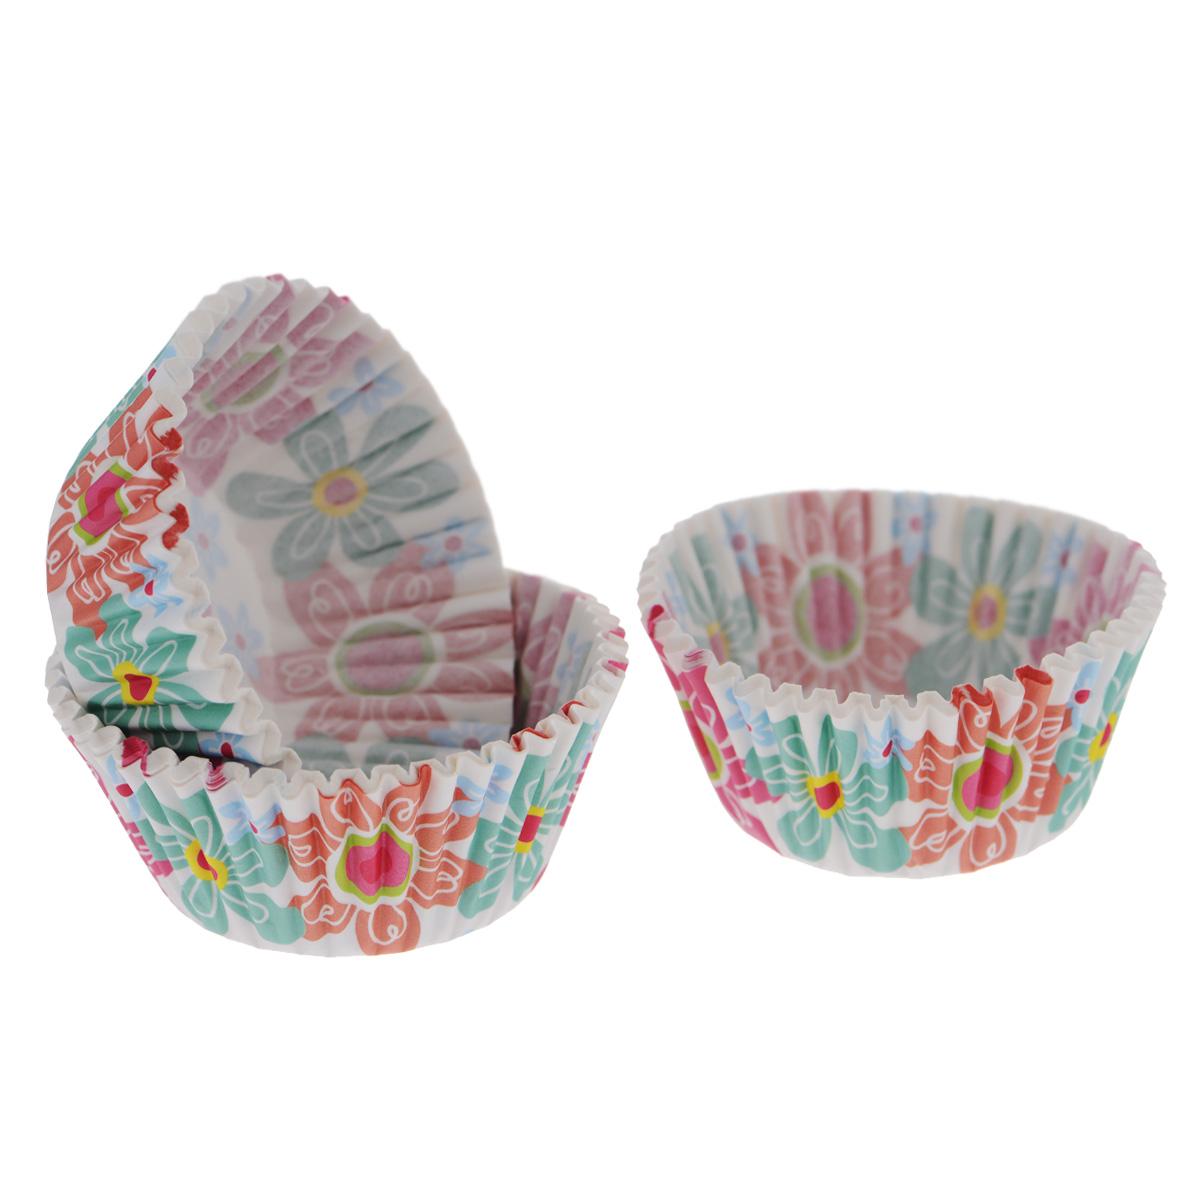 Набор бумажных форм для кексов Wilton Весна, диаметр 5 см, 75 штWLT-415-6080Набор Wilton Весна состоит из 75 бумажных форм для кексов. Они предназначены для выпечки и упаковки кондитерских изделий, также могут использоваться для сервировки орешков, конфет и др. Формы не требуют предварительной смазки маслом или жиром. Для одноразового применения. Гофрированные бумажные формы идеальны для выпечки кексов, булочек и пирожных. Высота стенки: 3 см. Комплектация: 75 шт.